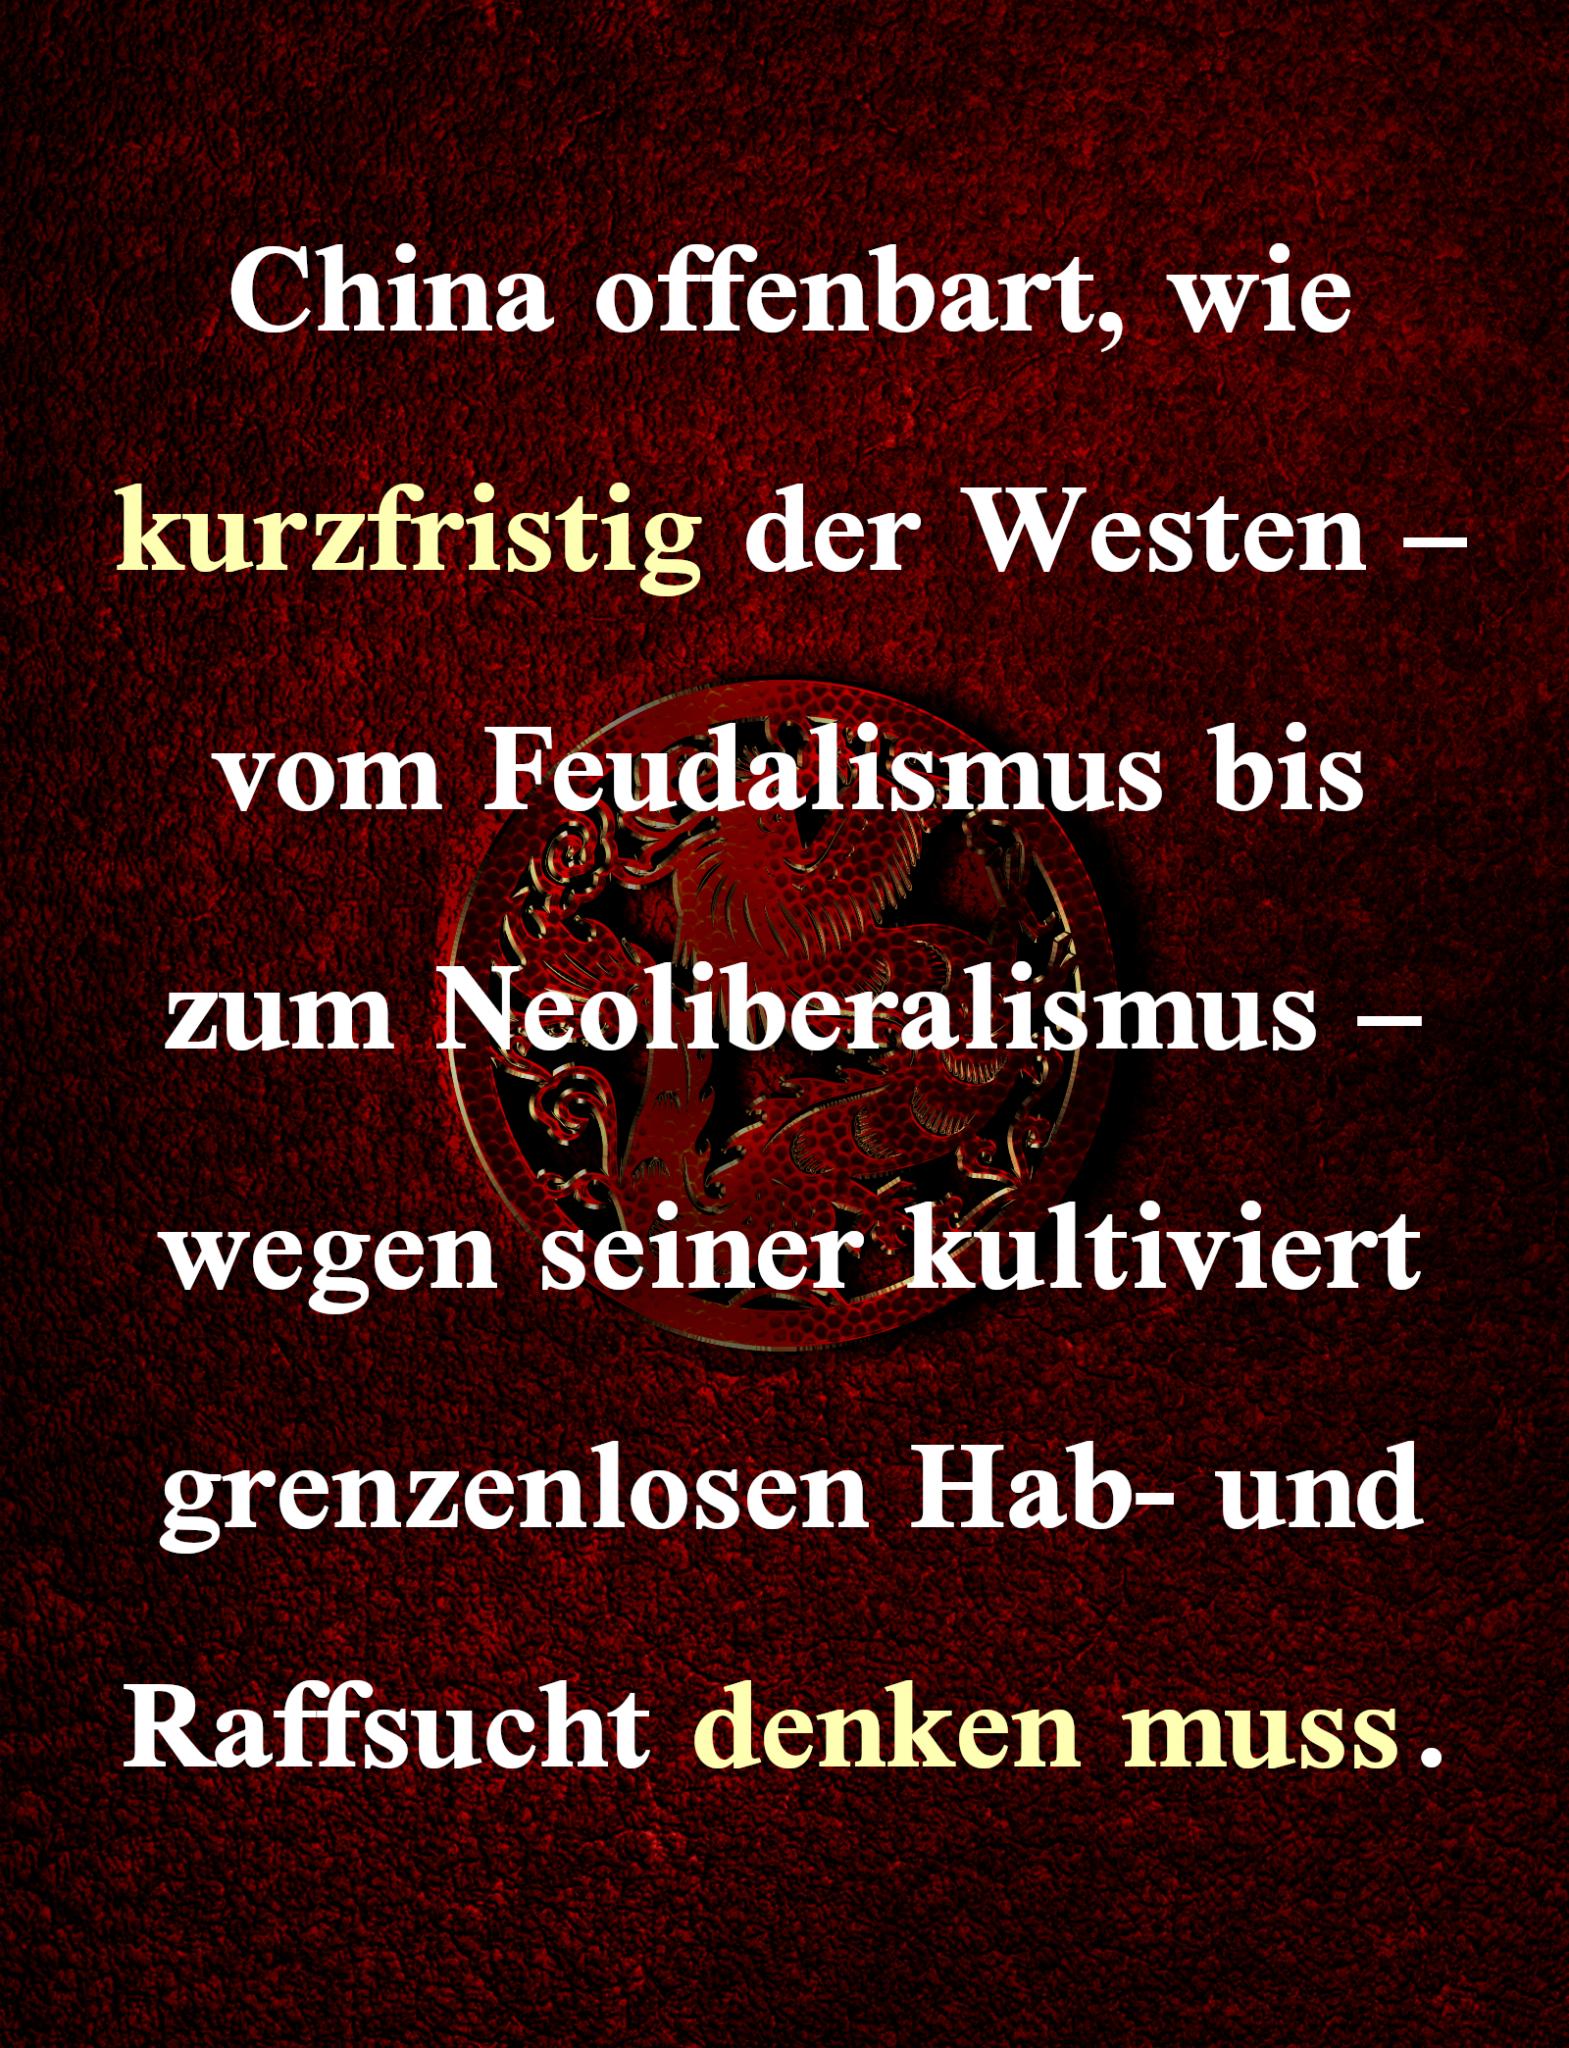 China offenbart, wie kurzfristig der Westen – vom Feudalismus bis zum Neoliberalismus – wegen seiner kultiviert grenzenlosen Hab- und Raffsucht denken muss.